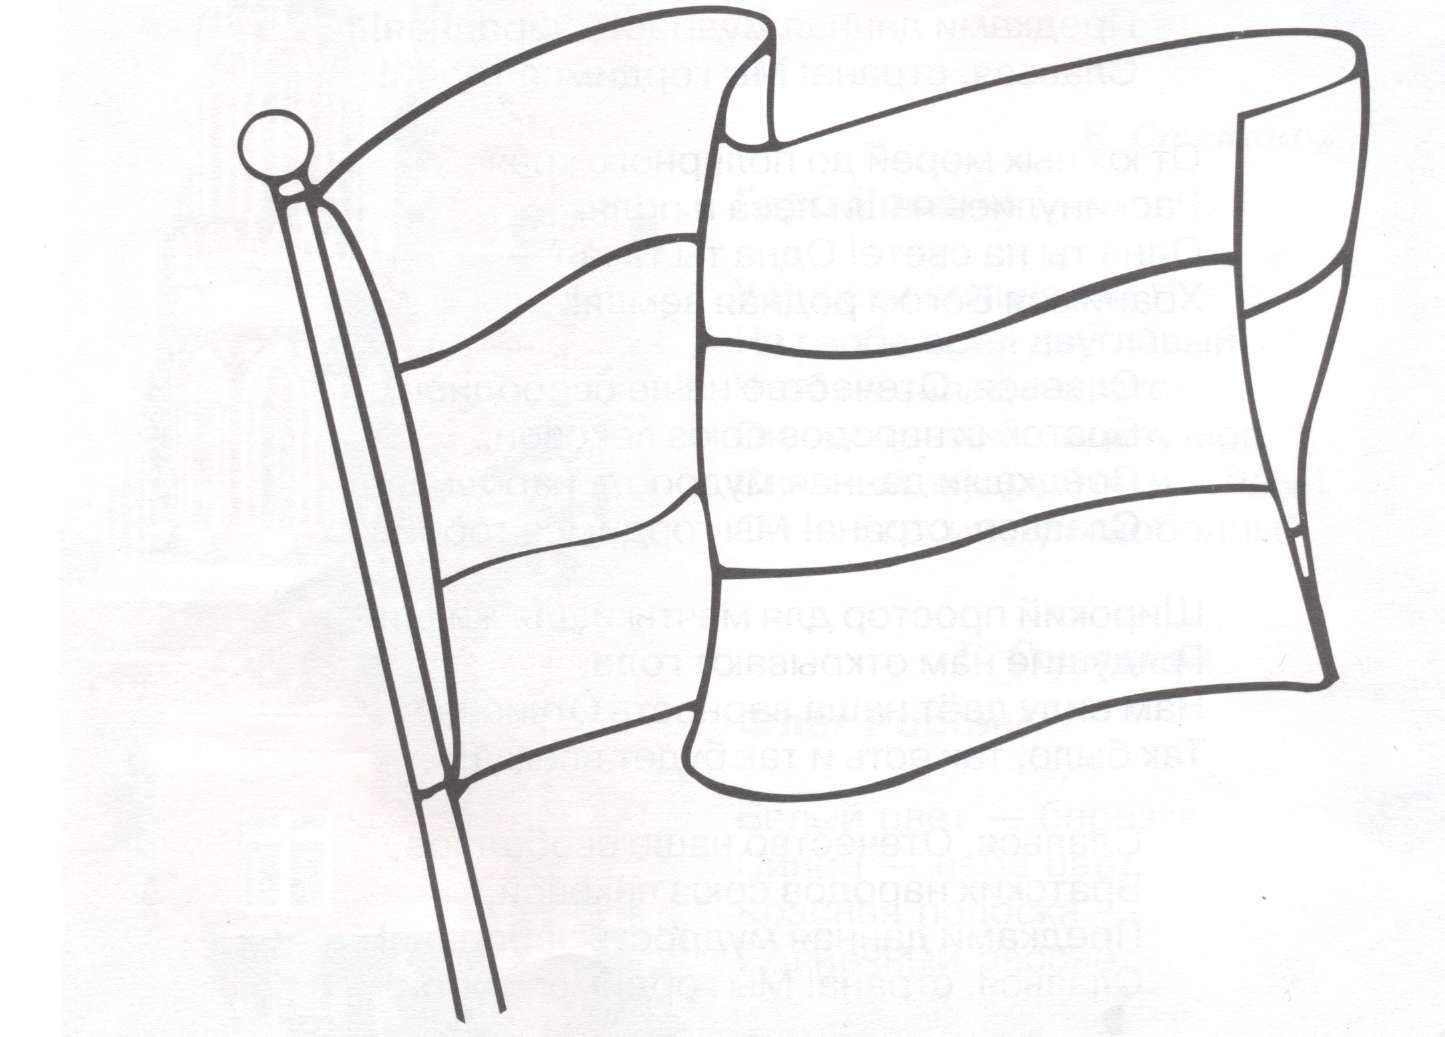 камеру шаблон флага россии для раскрашивания детям как стремно